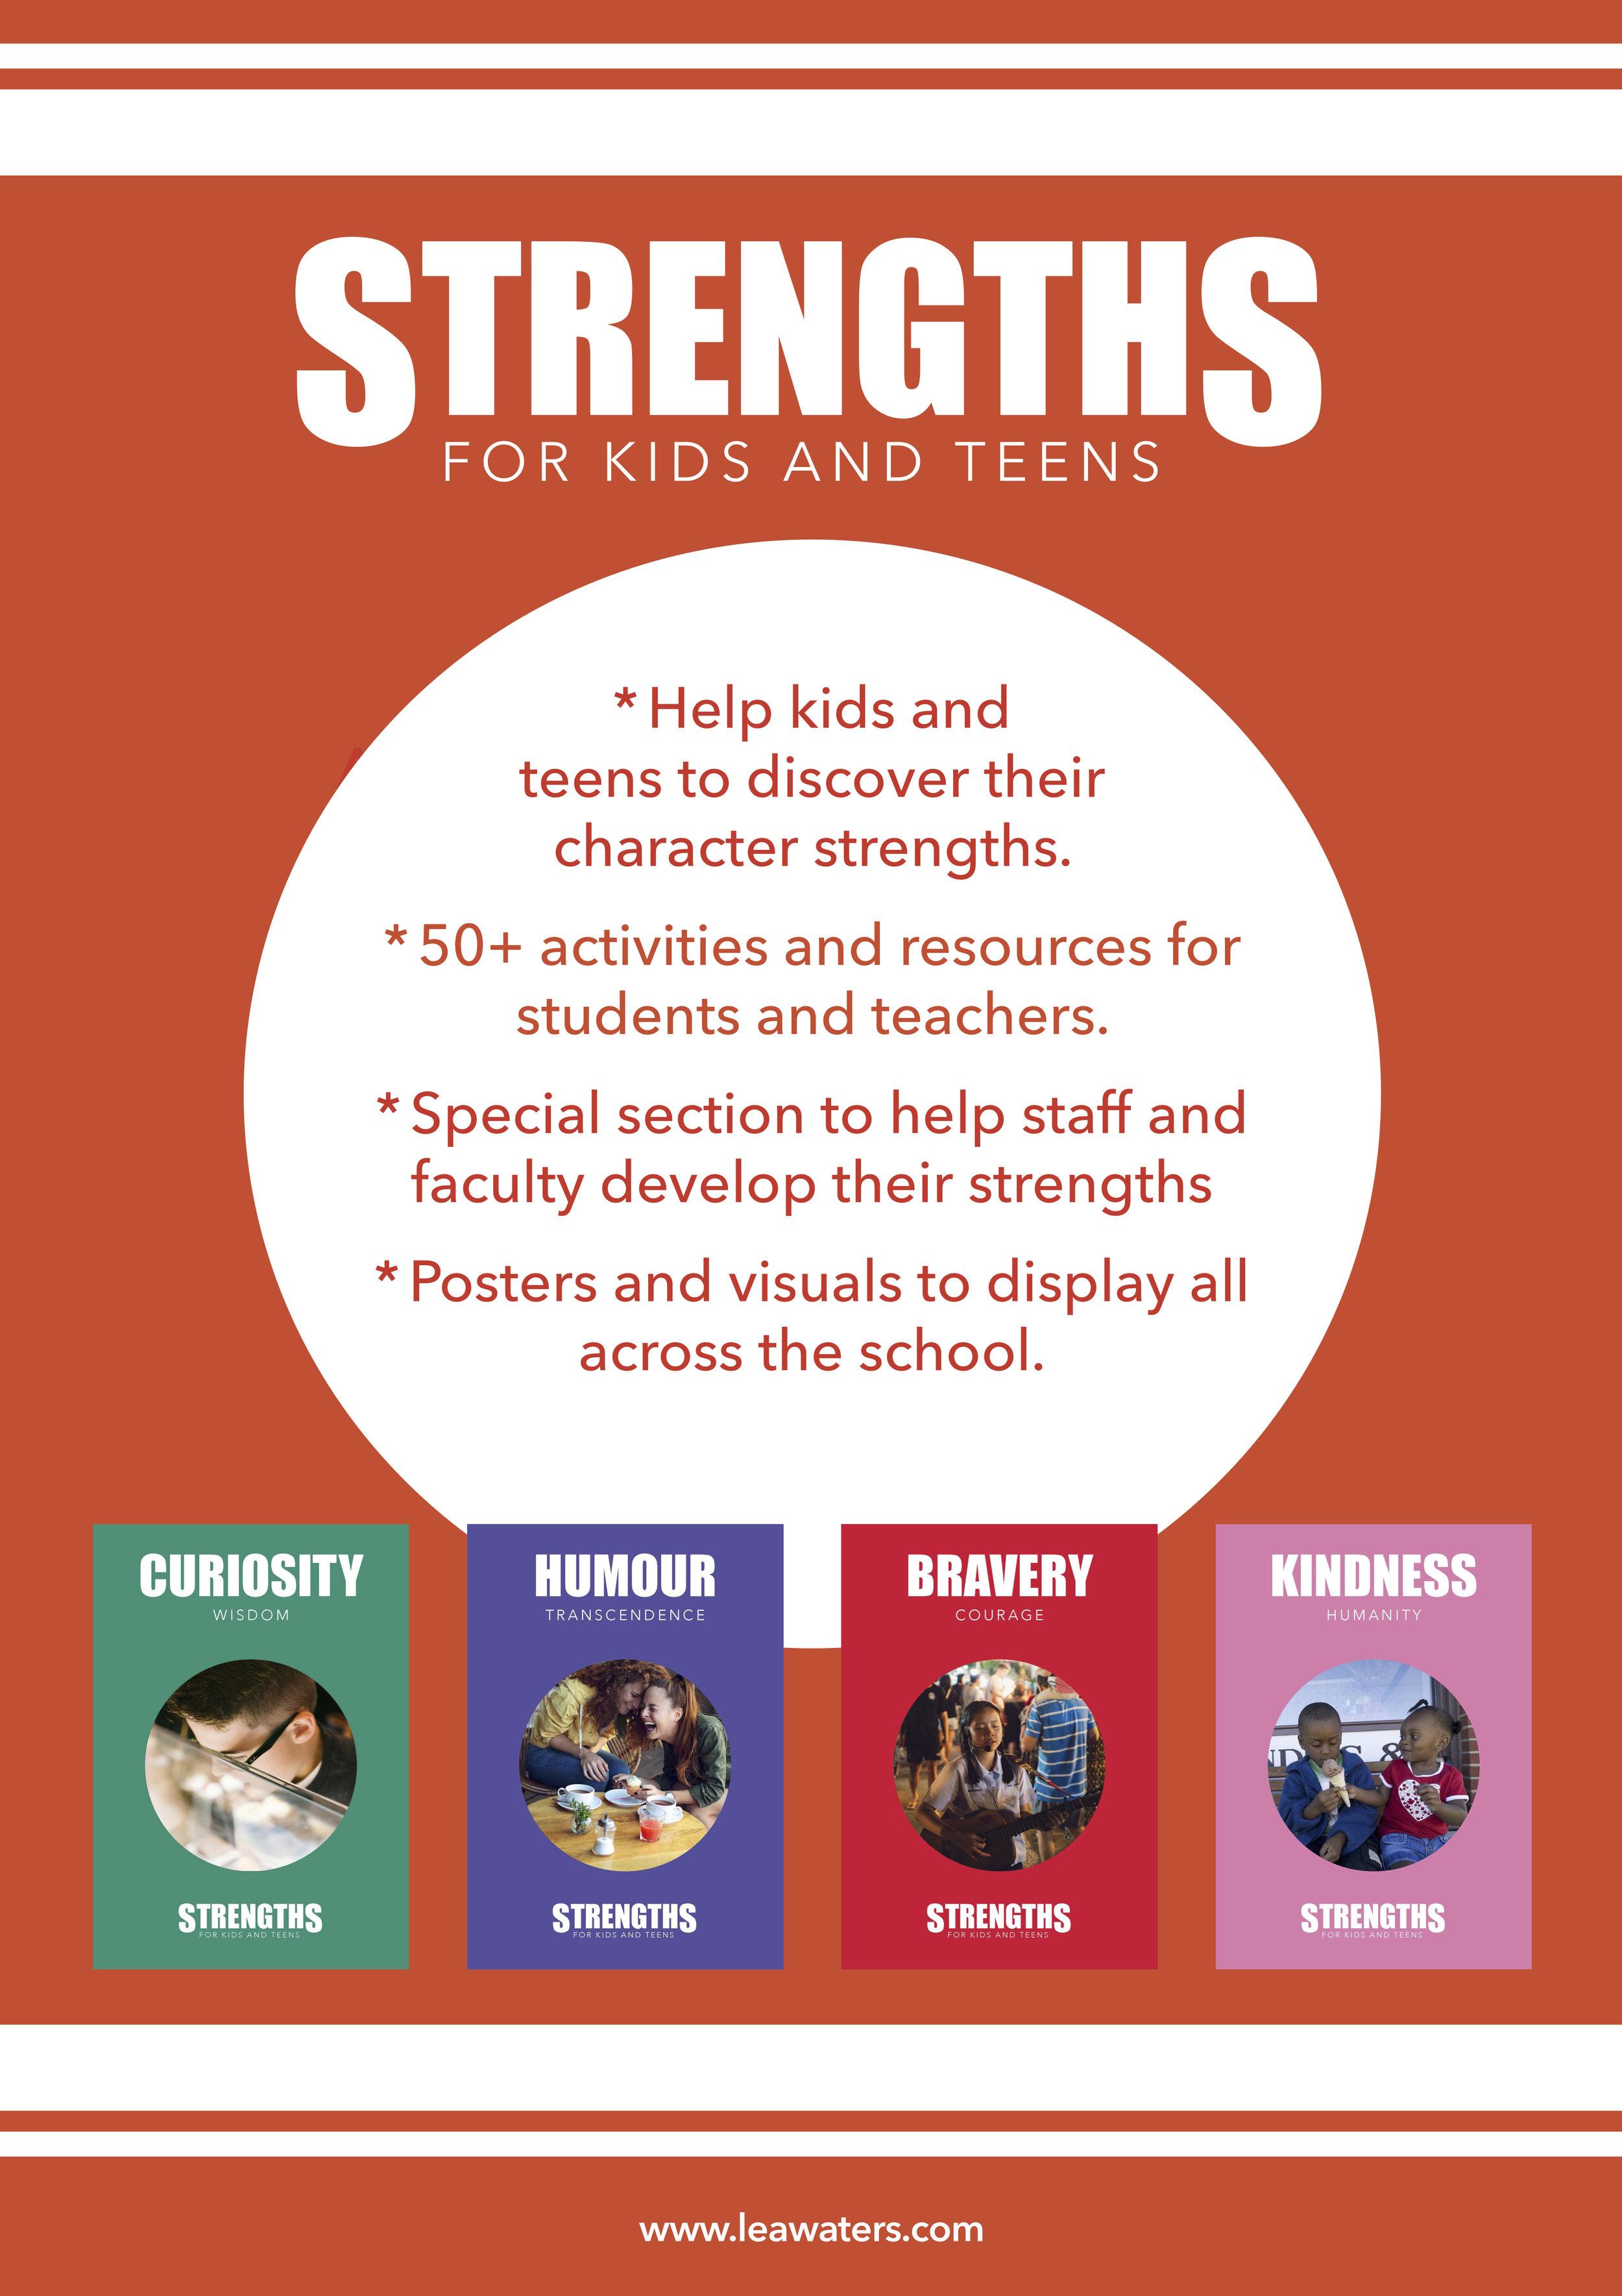 strength stars for teens.jpg